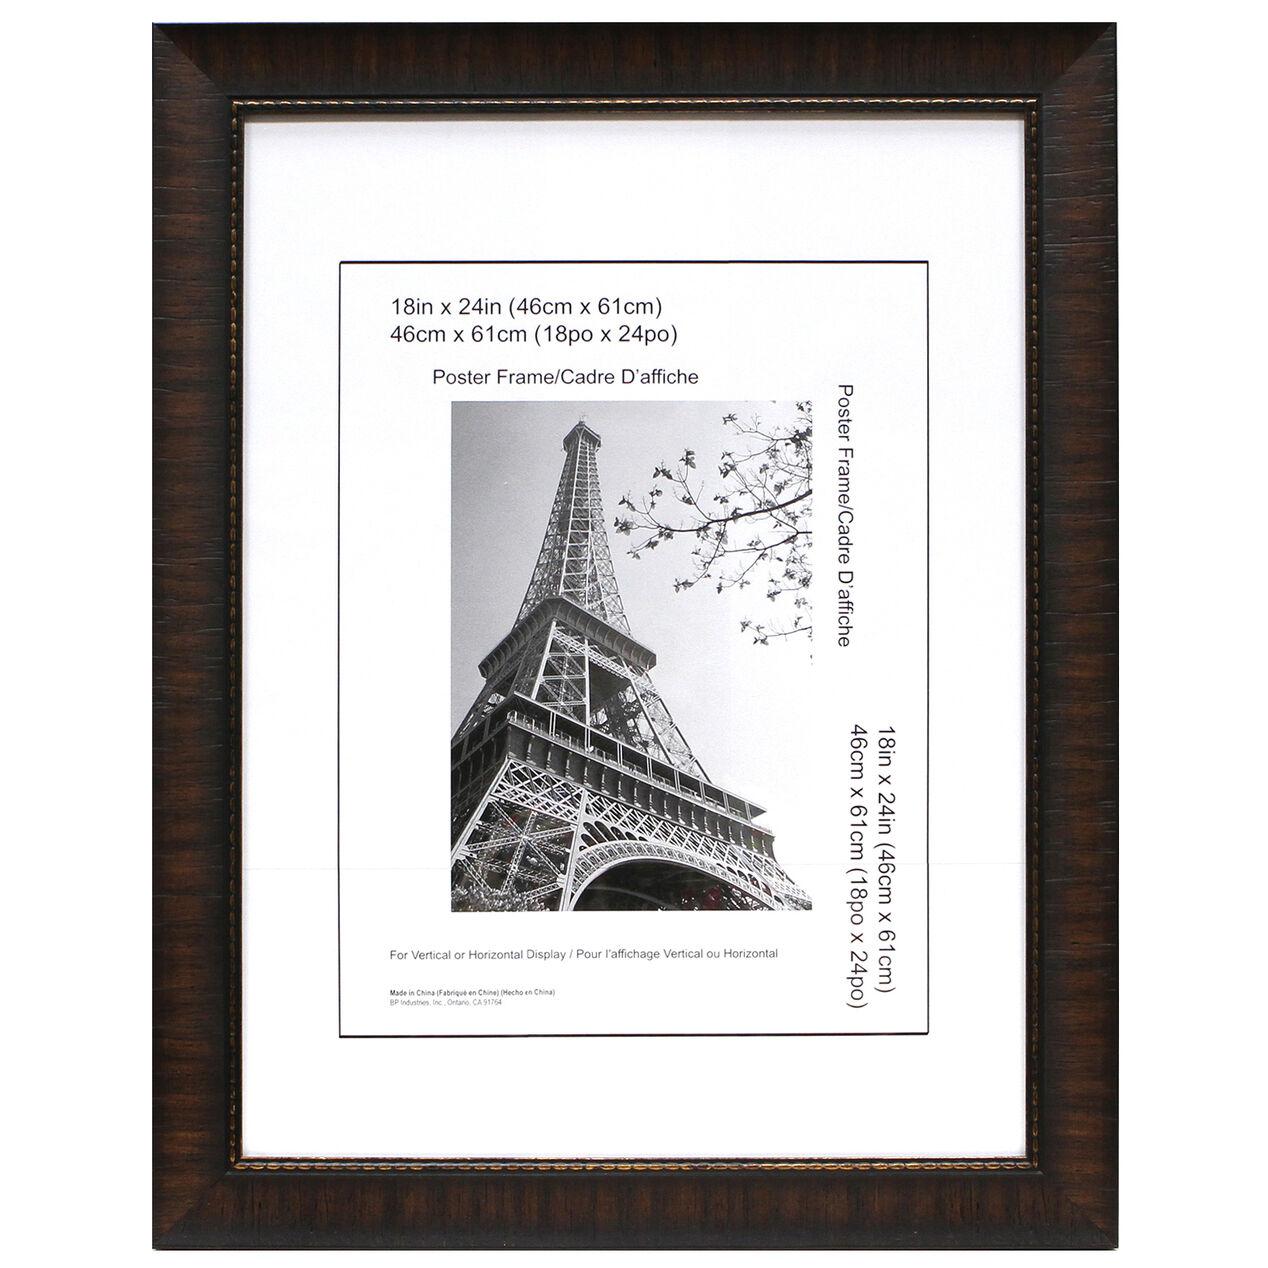 18 x 24 in espresso maria poster frame